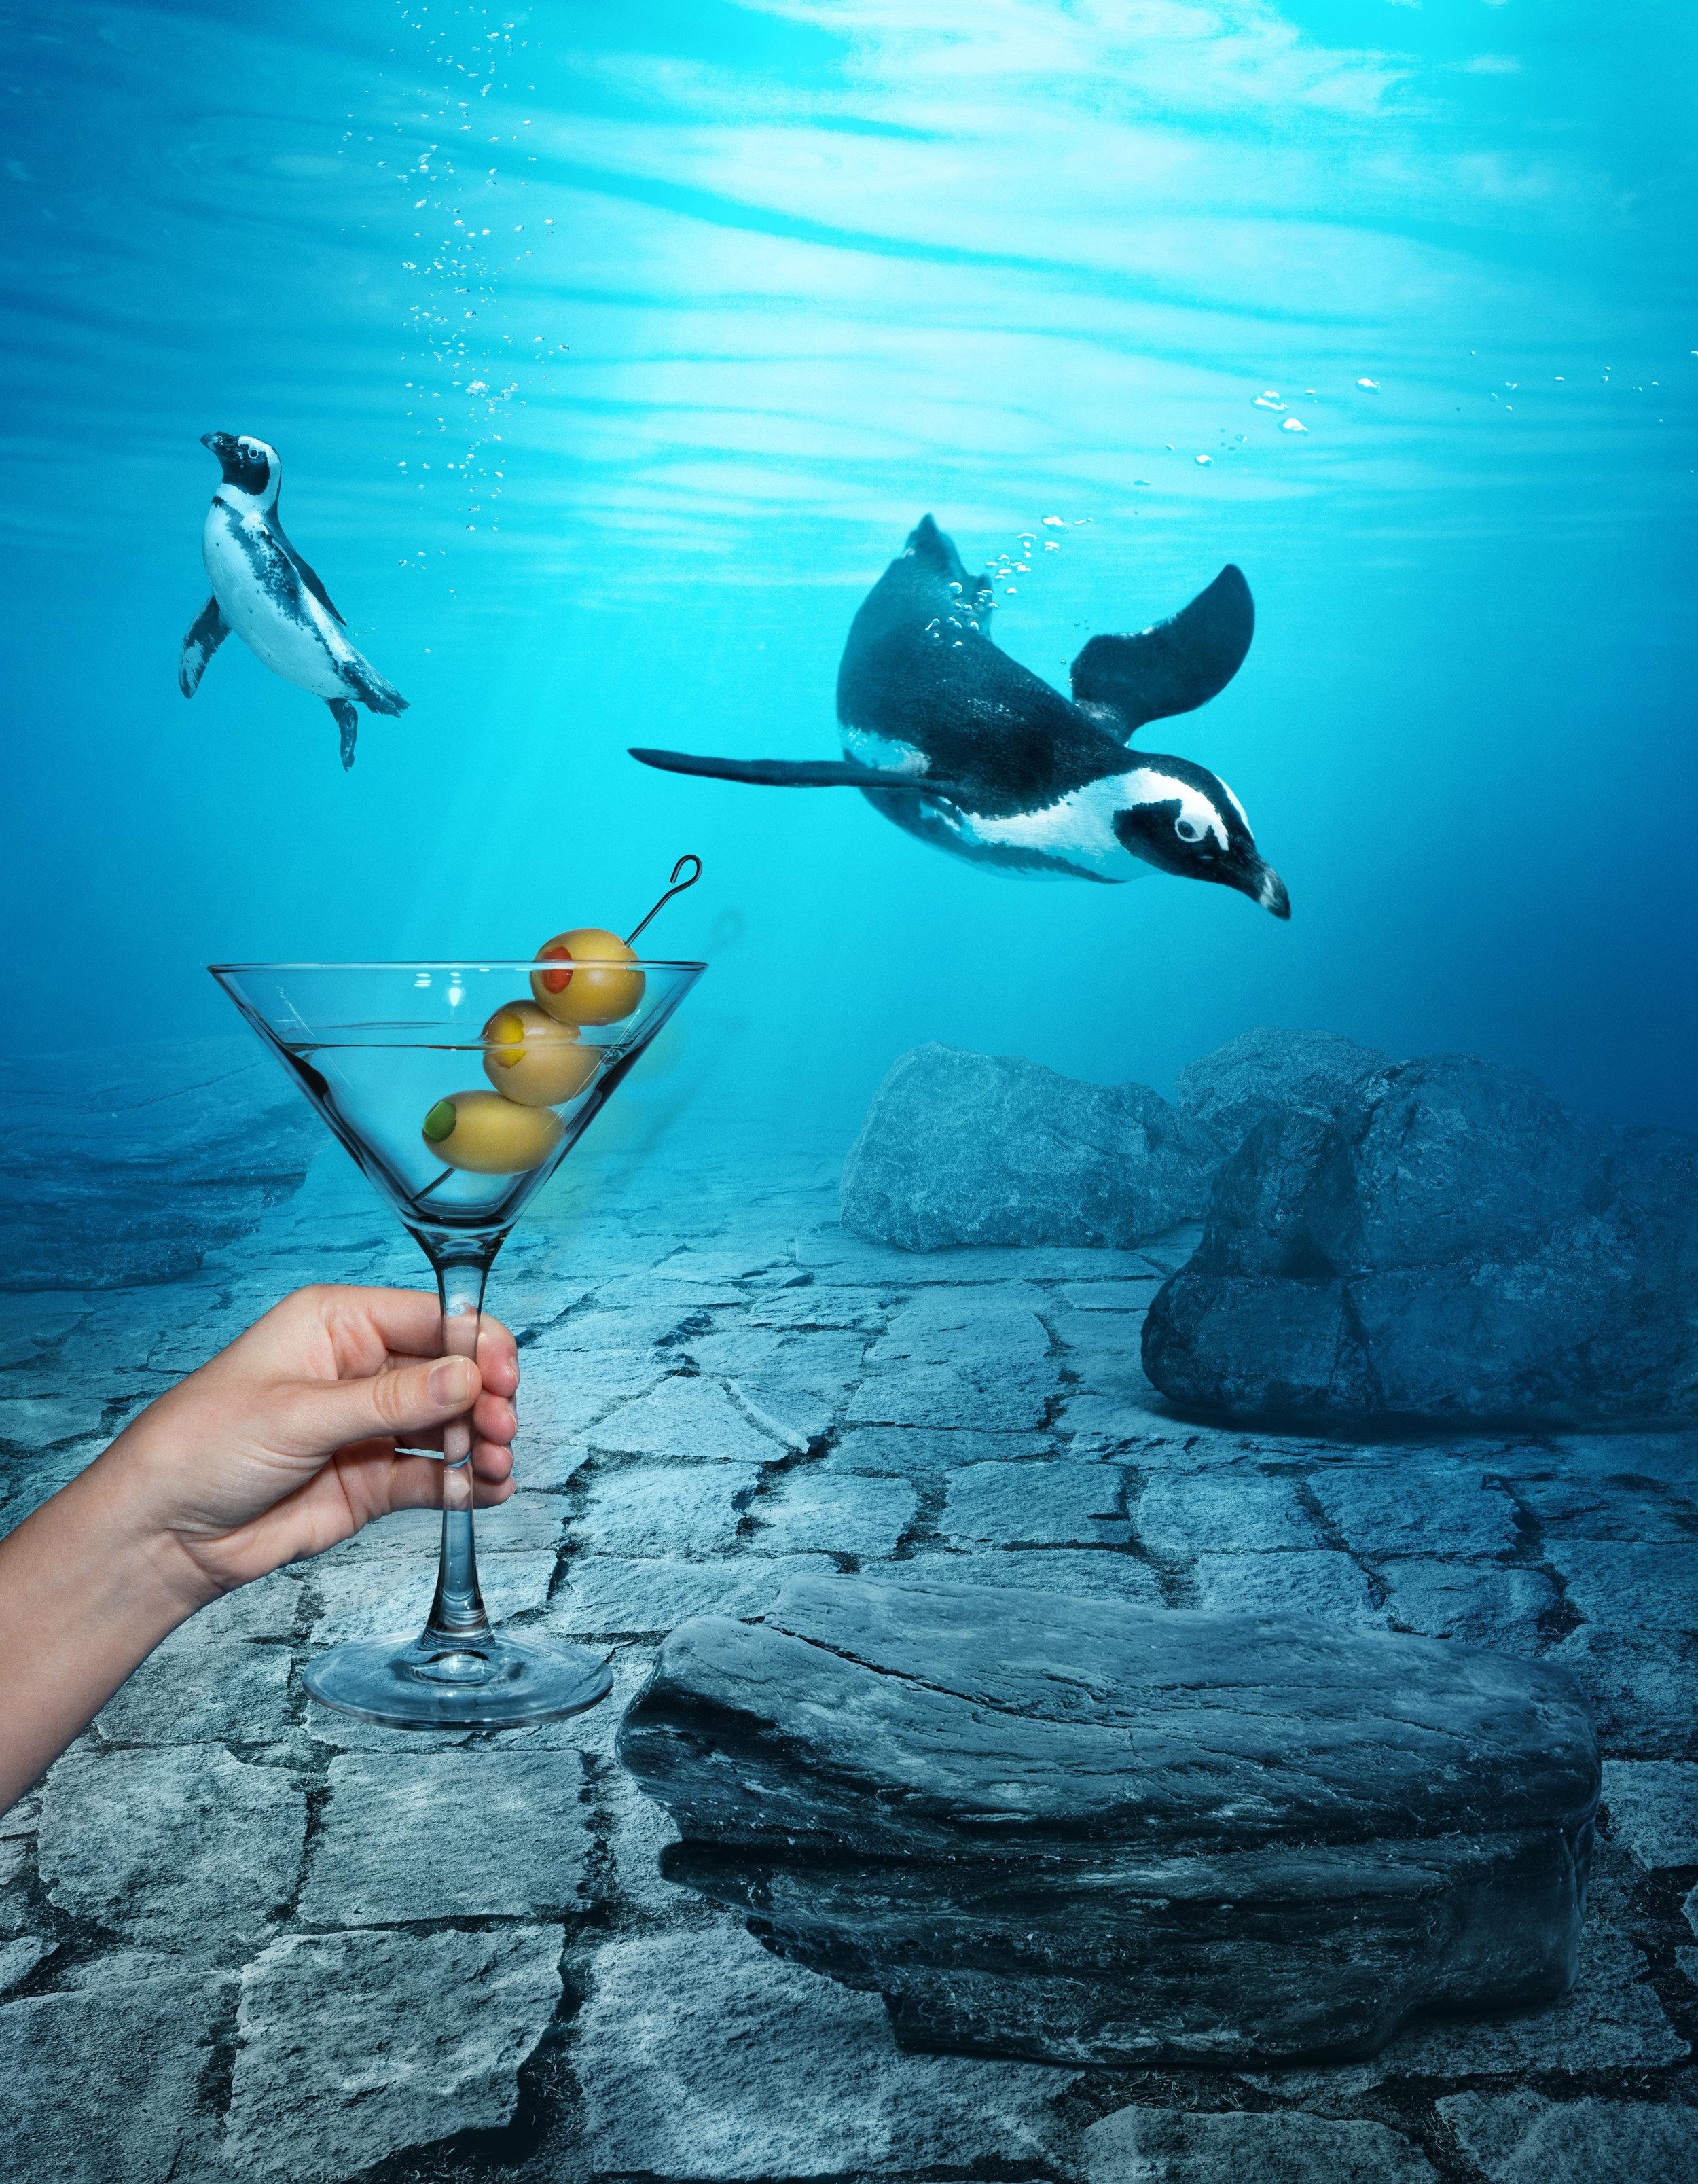 sips_under_penguins_stopngo@465.jpg